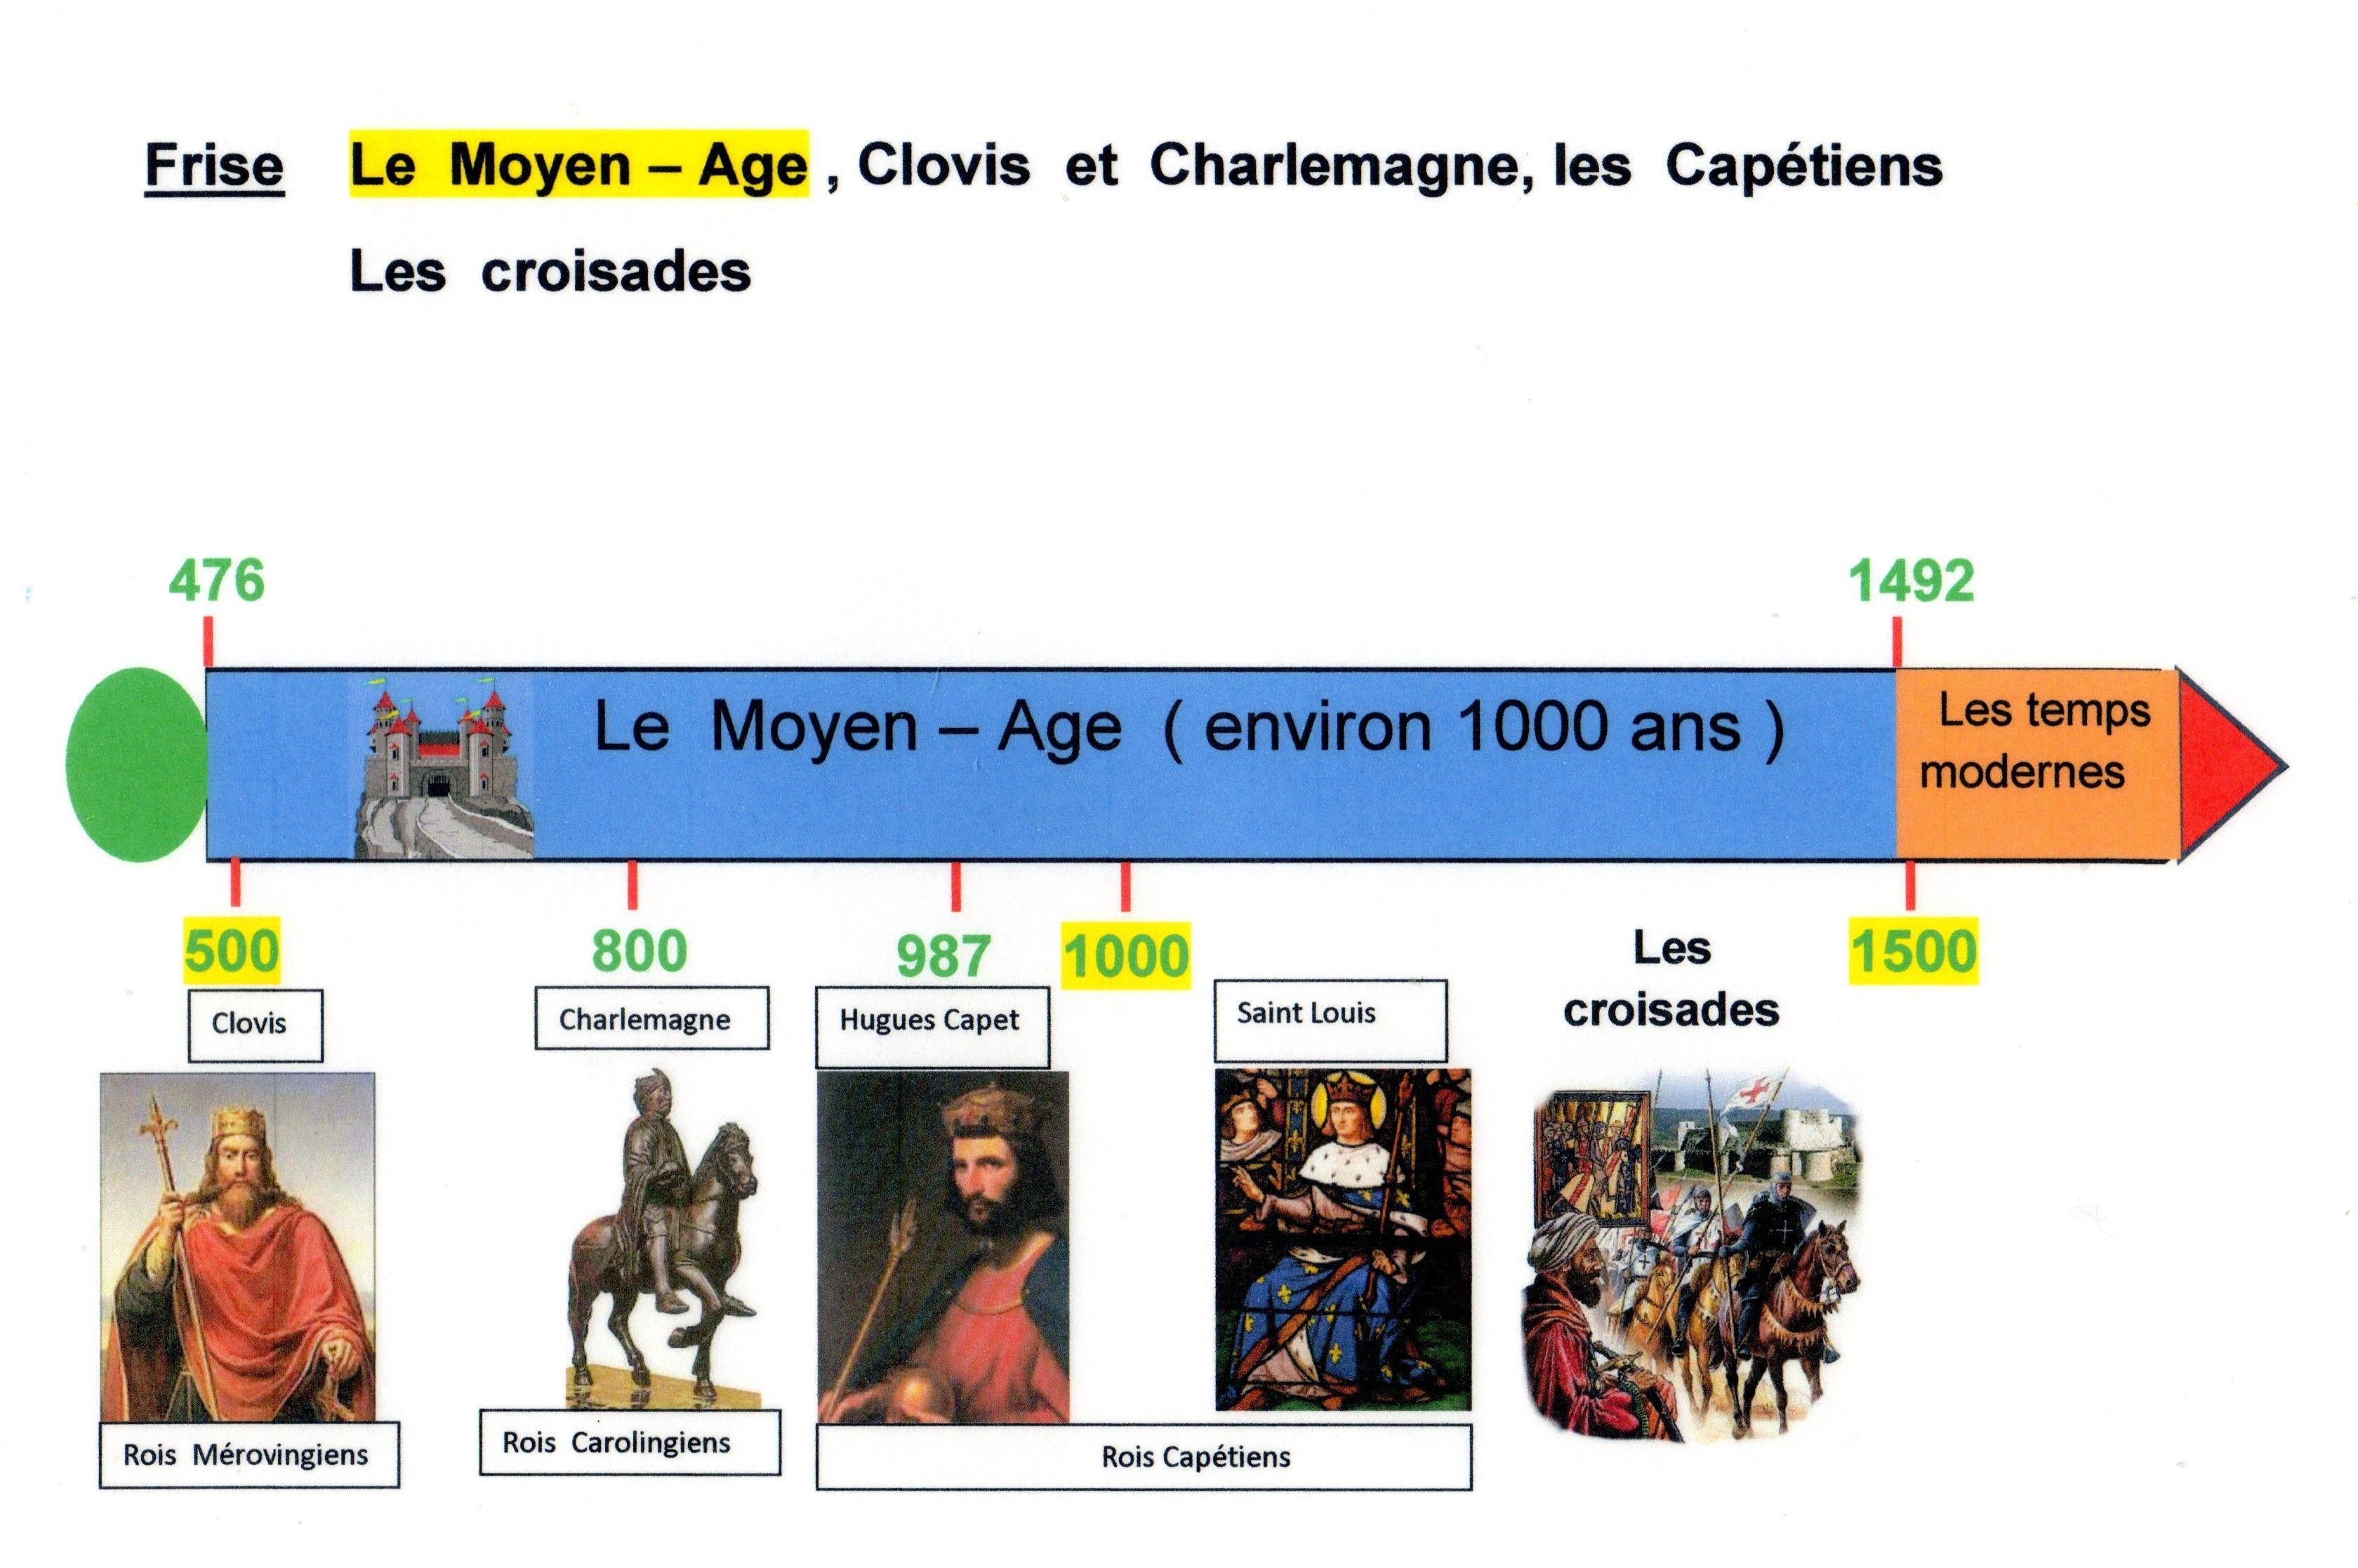 Blog De M Douzant Ex Cm 1 Bienvenue Welcome Histoire Cm 1 La Vie Des Seigneurs Au Moyen Age Cyc Moyen Age Frise Chronologique Histoire Histoire Cm1